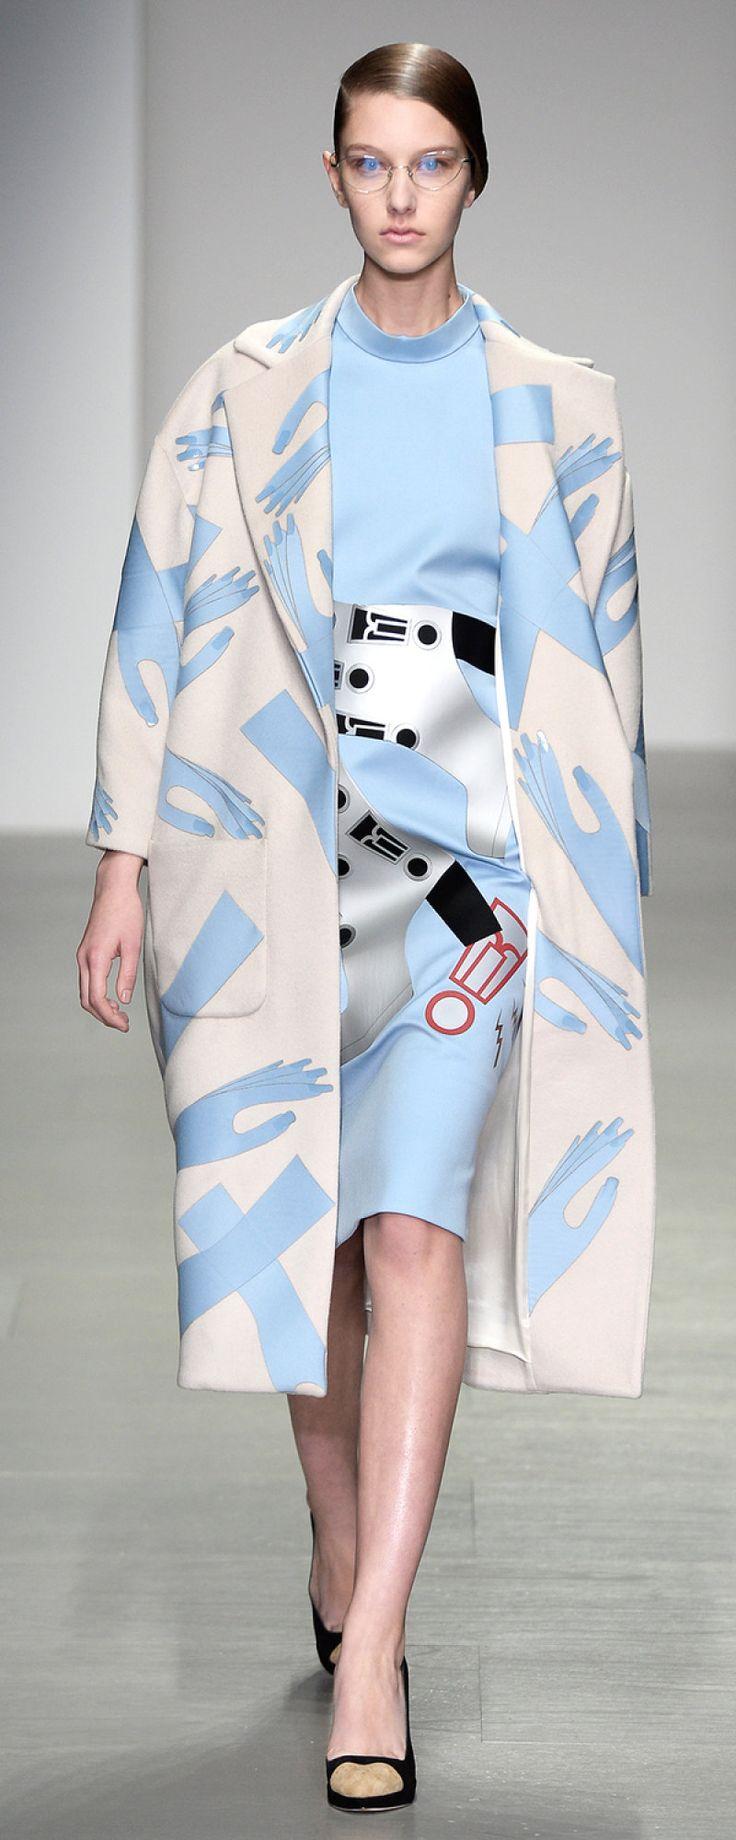 A/W 2014 Coat by Holly Fulton #fashion